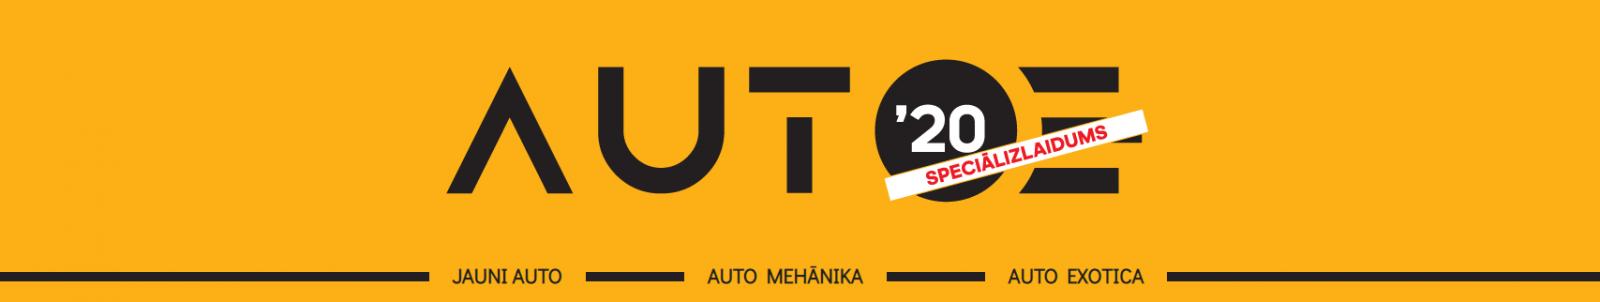 """Auto 2020"""" speciālizlaidumā Ķīpsalā"""